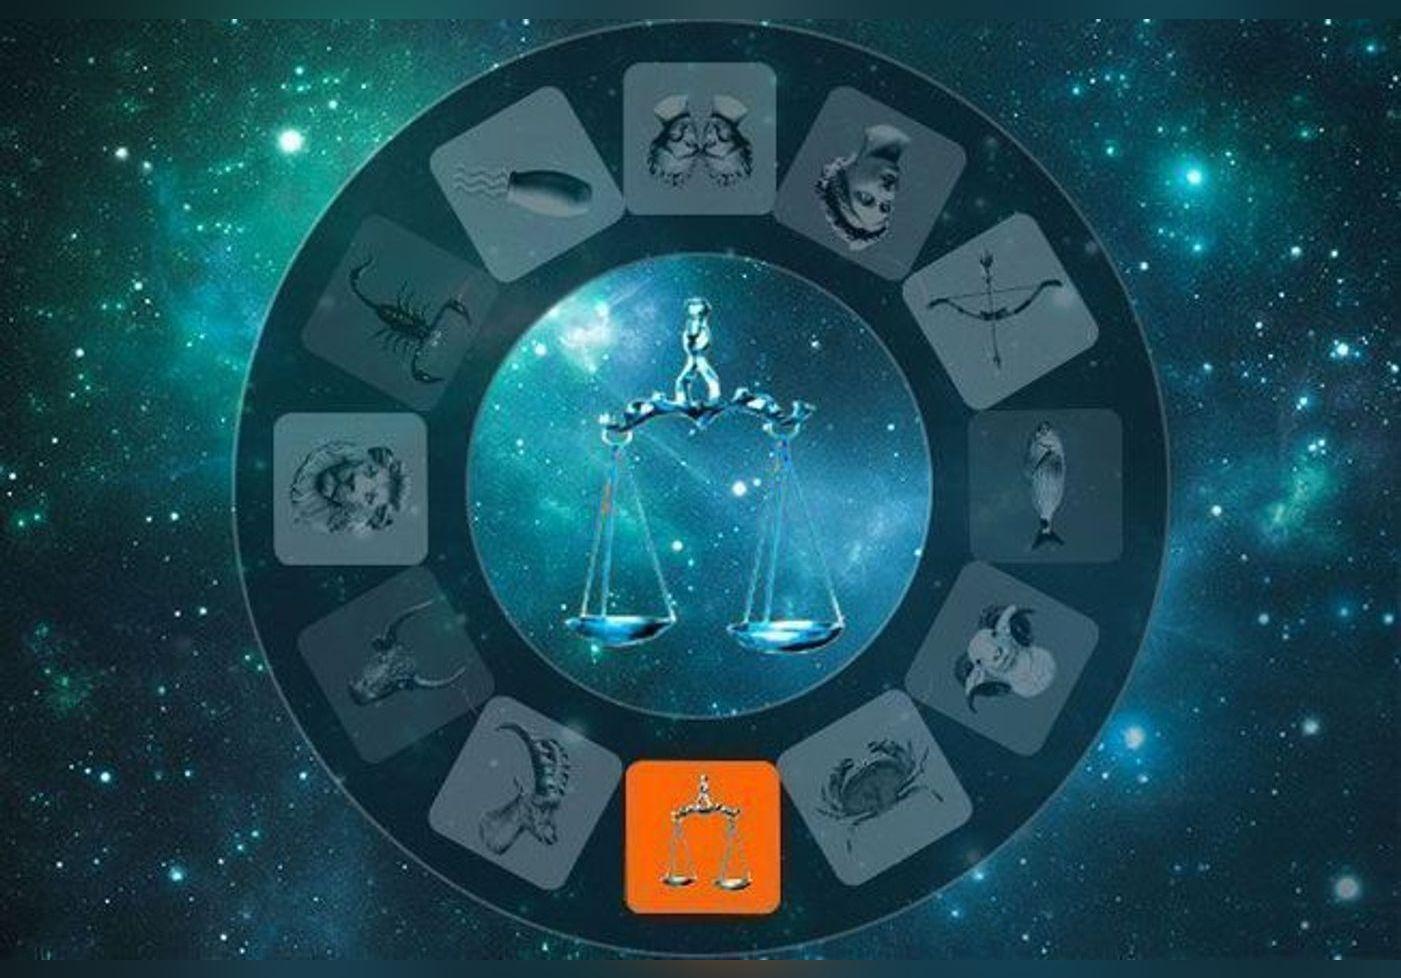 Votre horoscope de la semaine du 17 au 23 octobre 2021